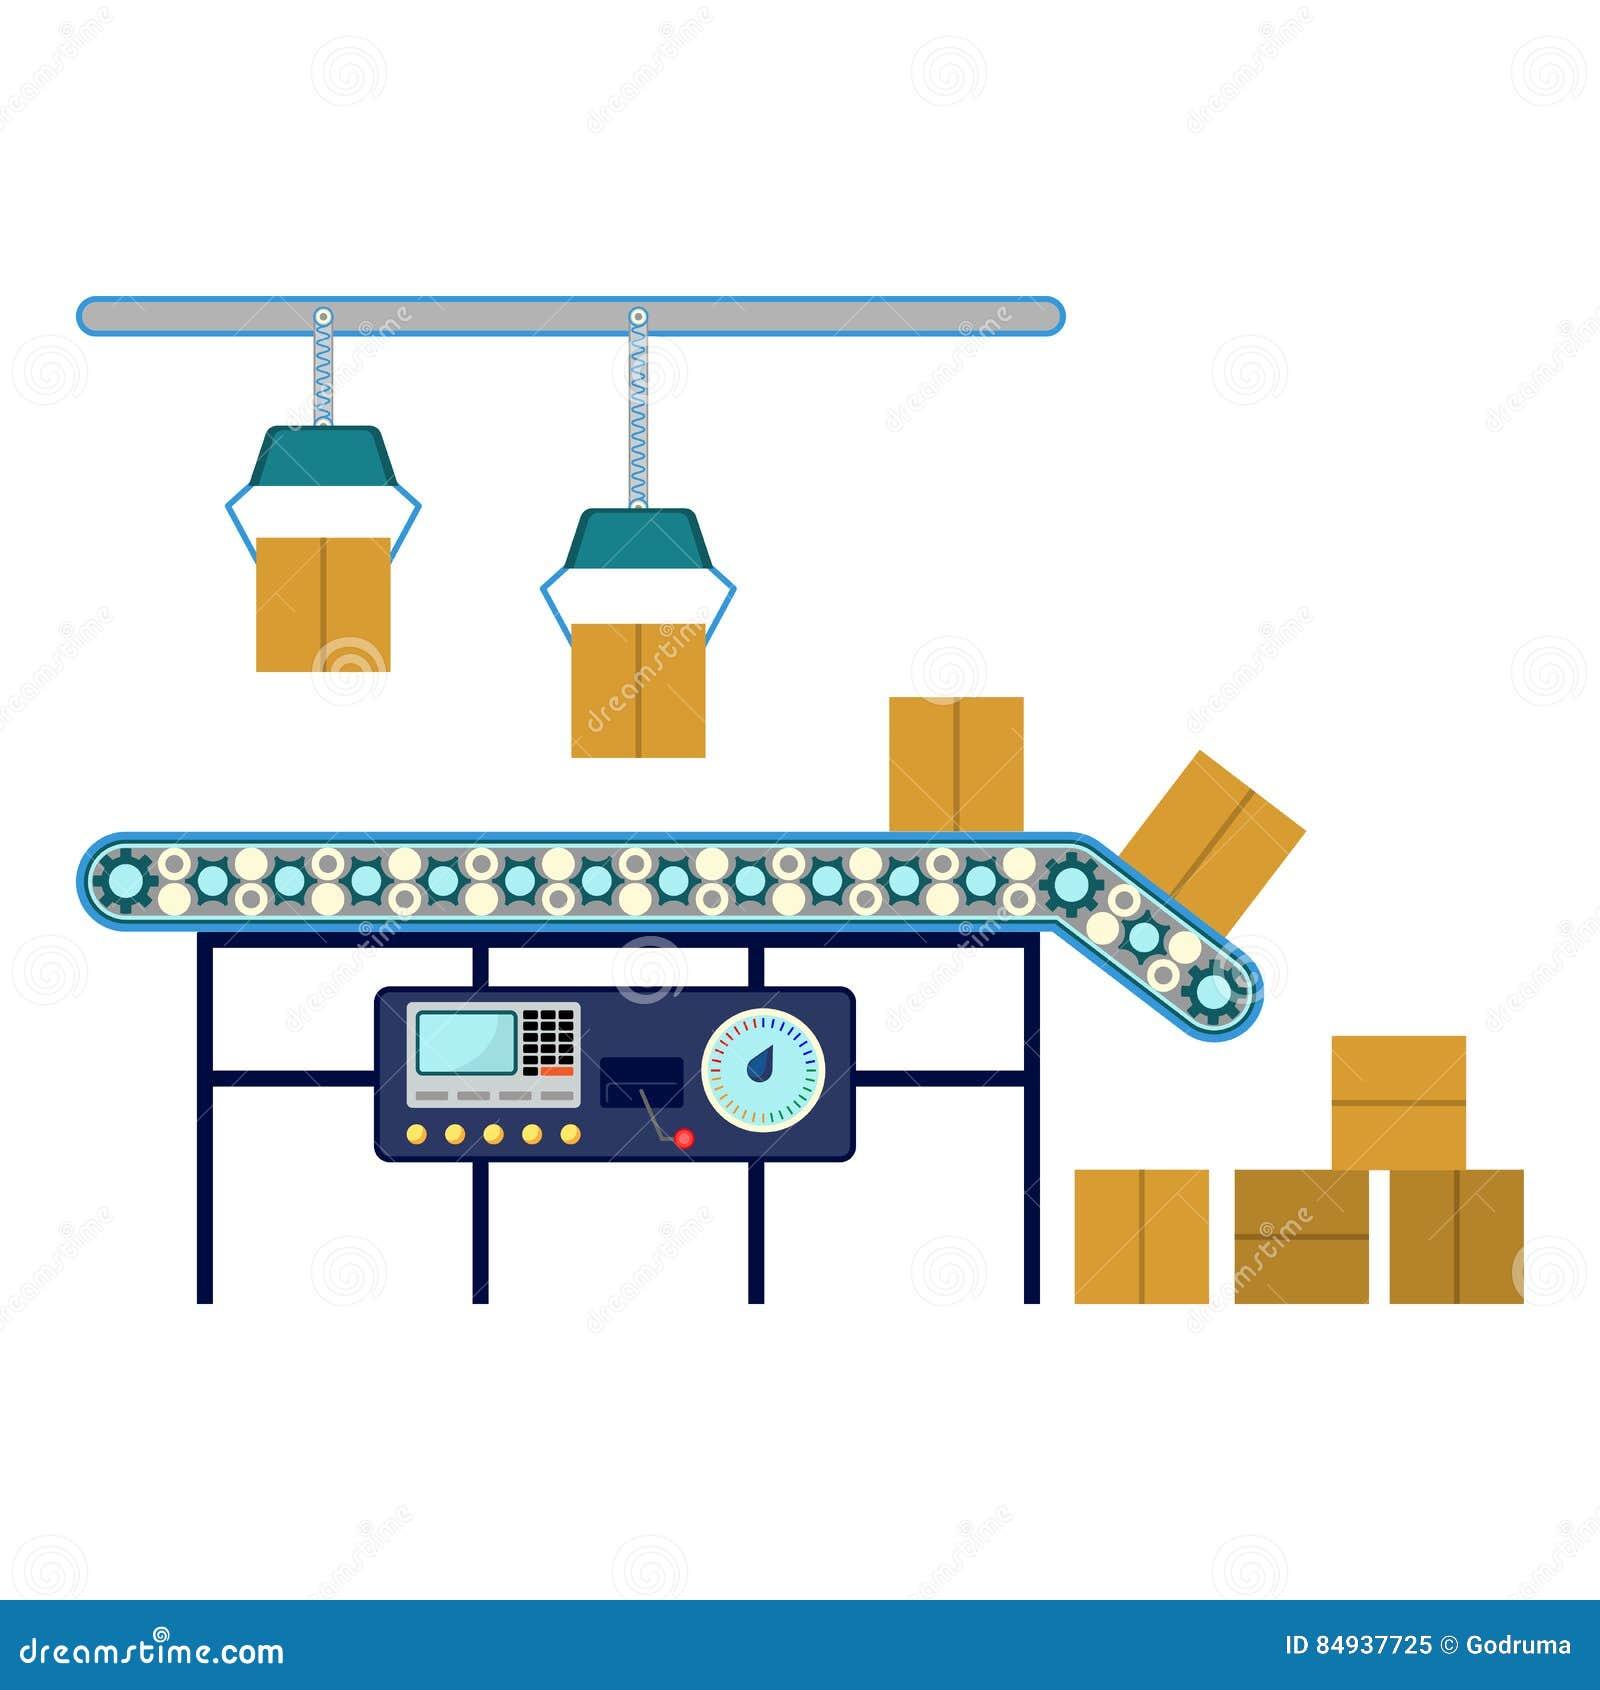 Βιομηχανικός εξοπλισμός για τα κιβώτια, μεταφορέας συνελεύσεων γραμμών μηχανημάτων